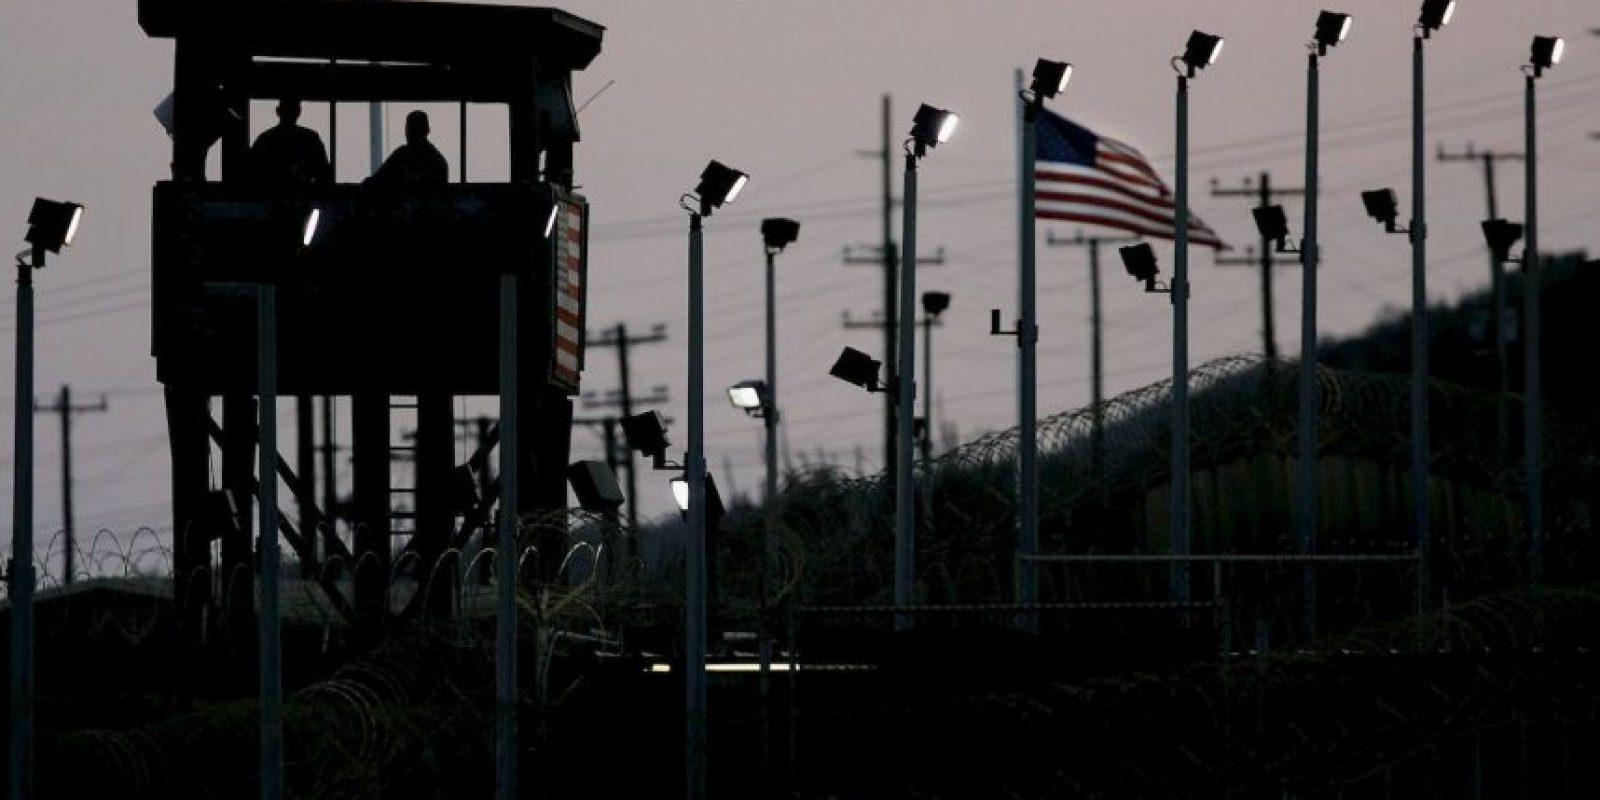 3. Algunos de los métodos de tortura utilizados son palizas, descargas eléctricas, asfixia con bolsas de plástico o trapos mojados y violación. Foto:Getty Images